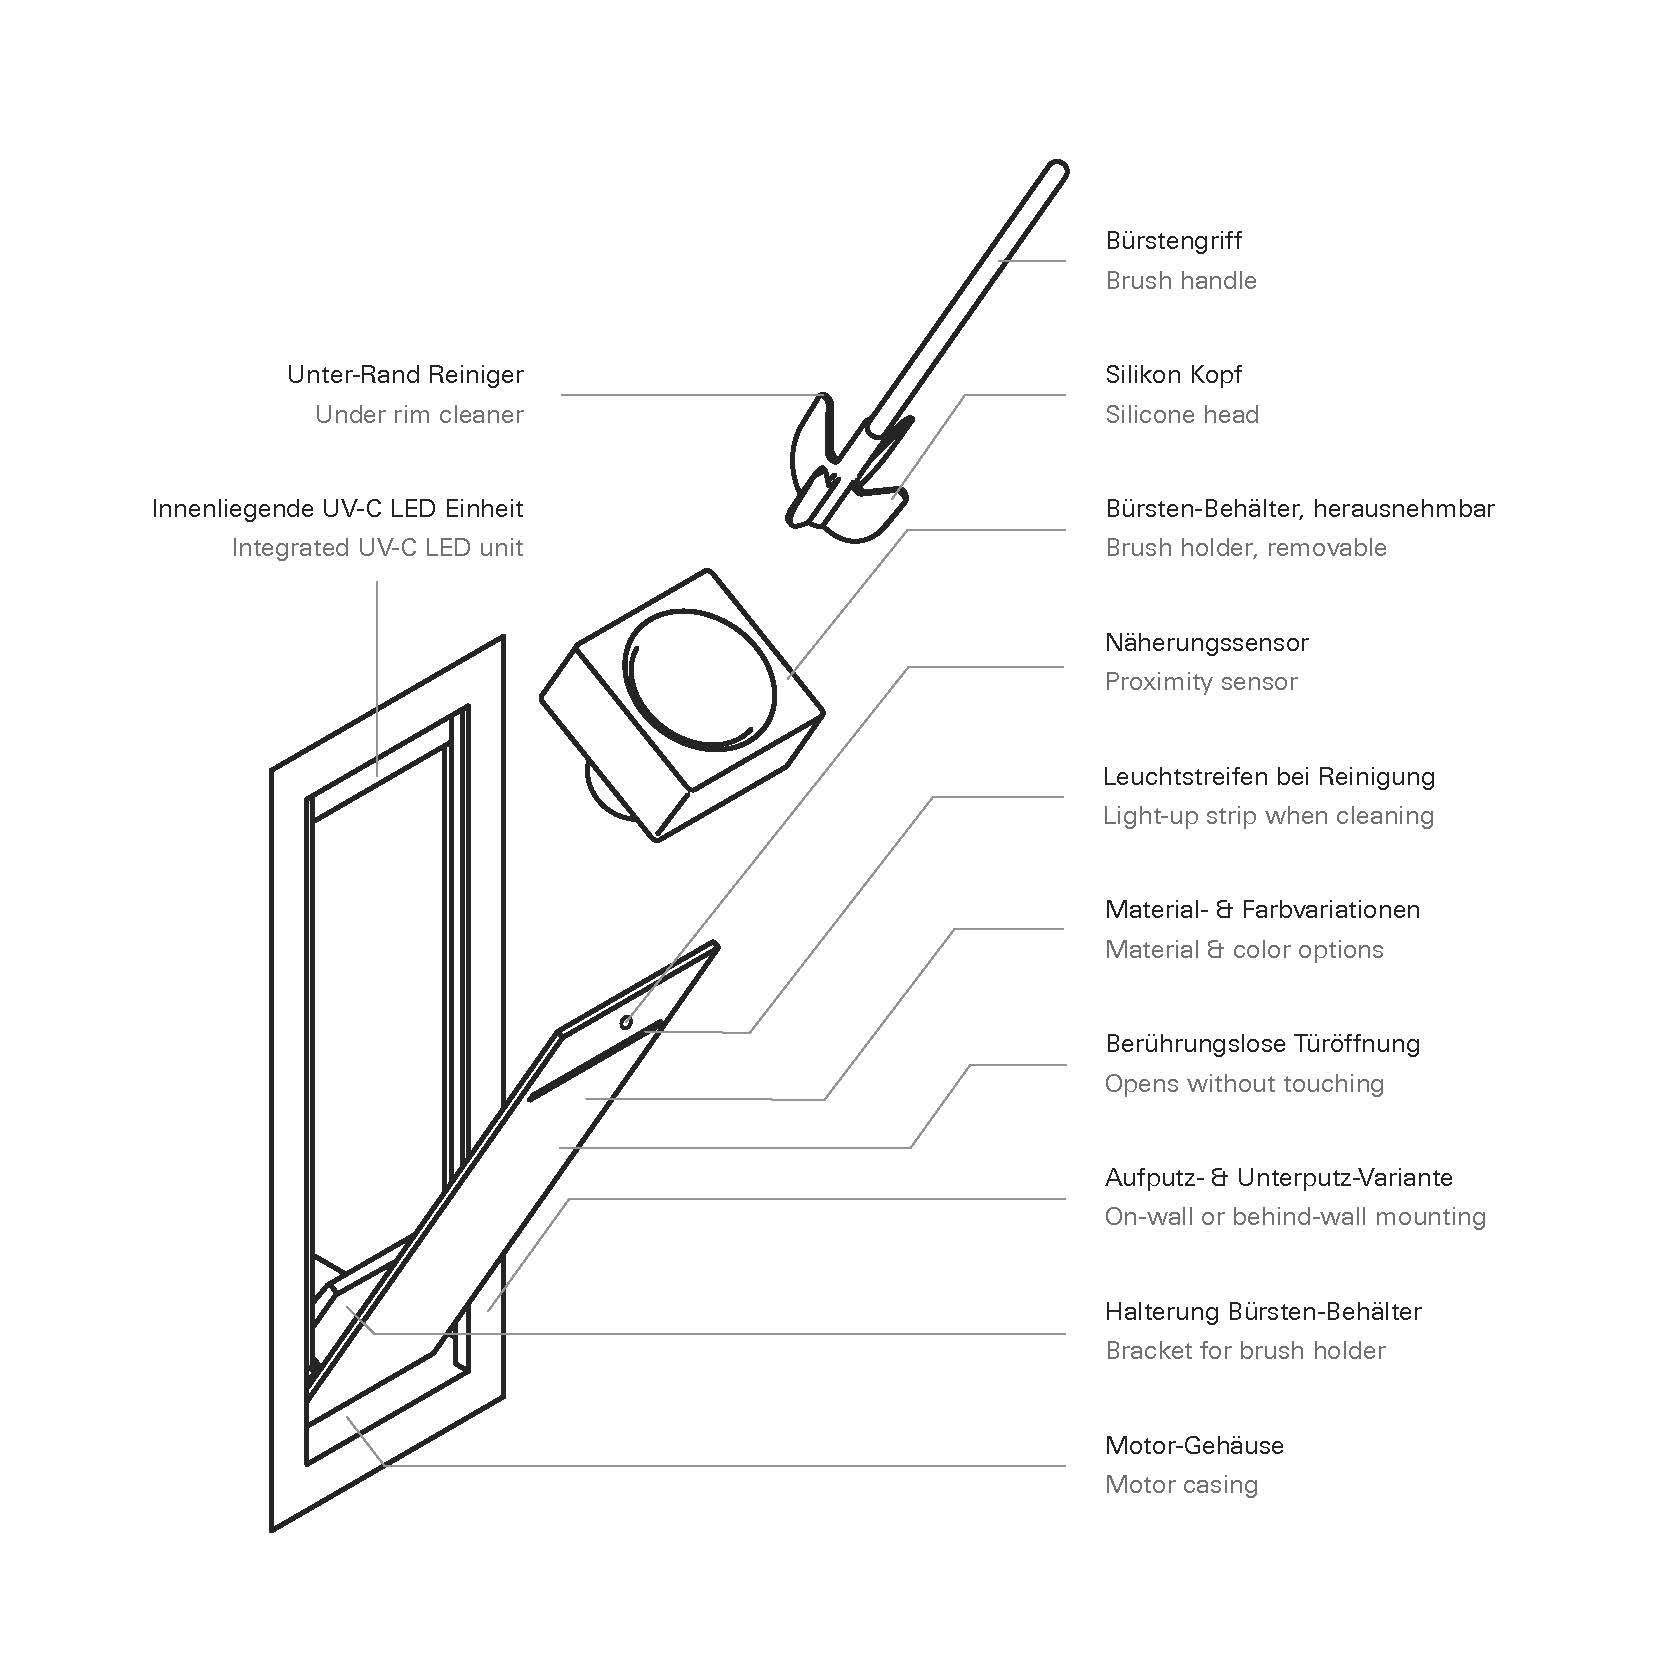 Funktion- keimfreie WC-Bürste mit UV-C Bestrahlung by Wunderblau